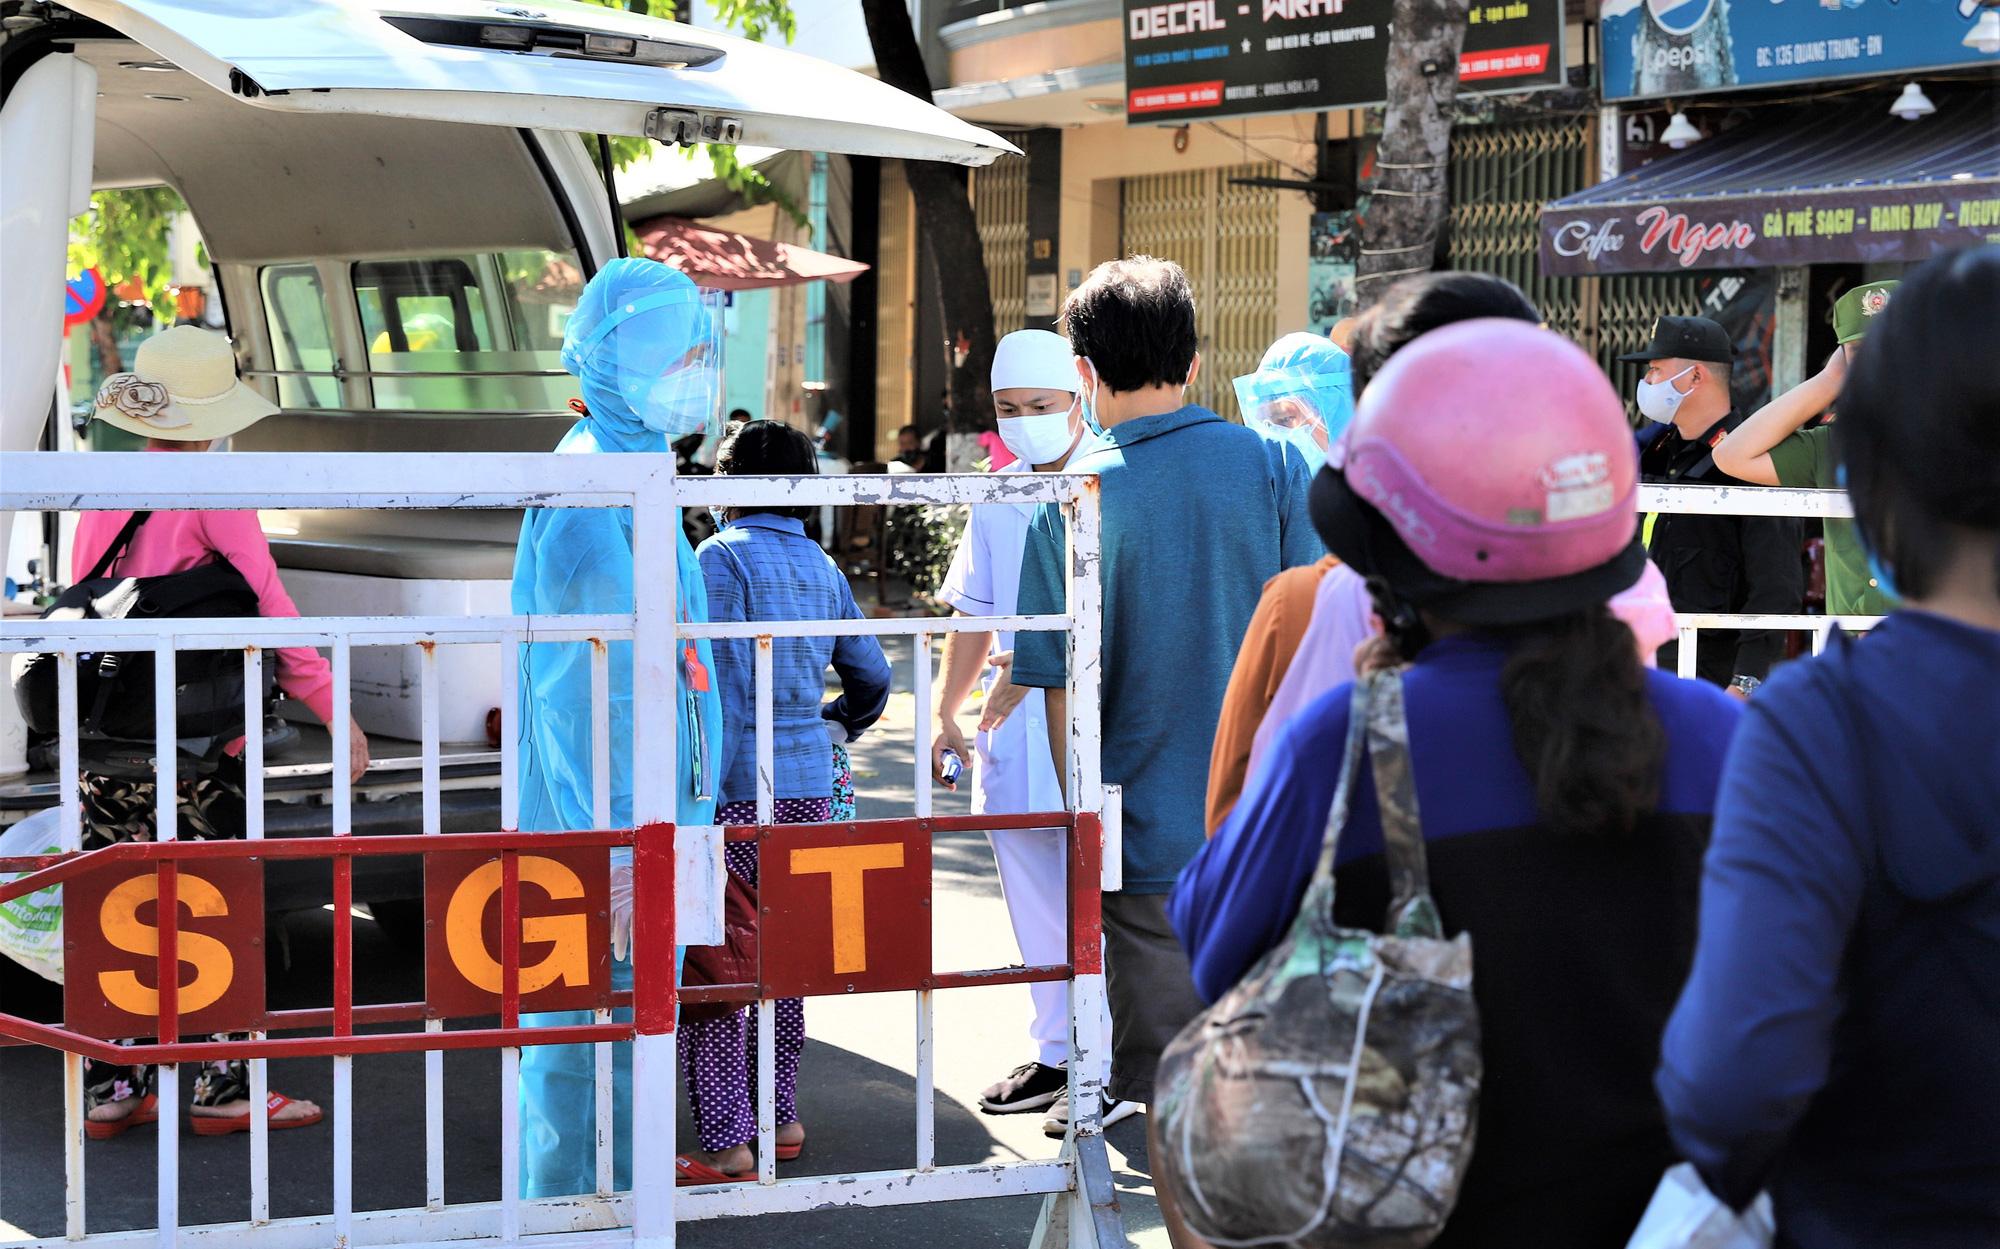 Lịch trình phức tạp của 8 ca Covid-19 vừa công bố ở Quảng Nam: Dự đám tang, đi công viên và tiếp xúc nhiều công nhân tại xưởng may